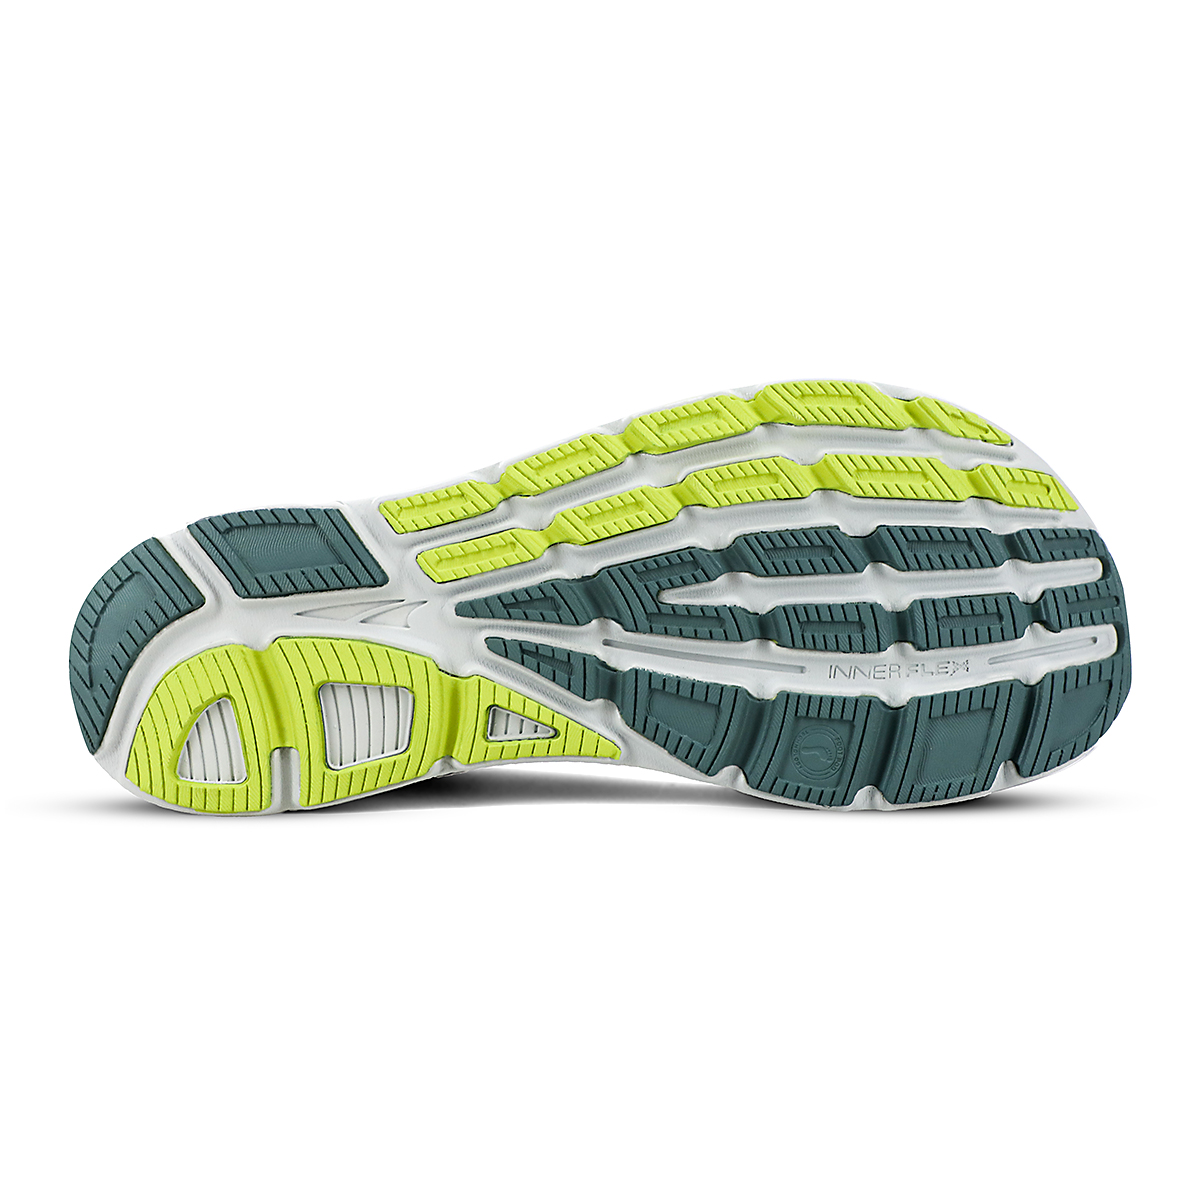 Men's Altra Torin 4.5 Plush Running Shoe - Color: Black/Lime - Size: 7 - Width: Regular, Black/Lime, large, image 4